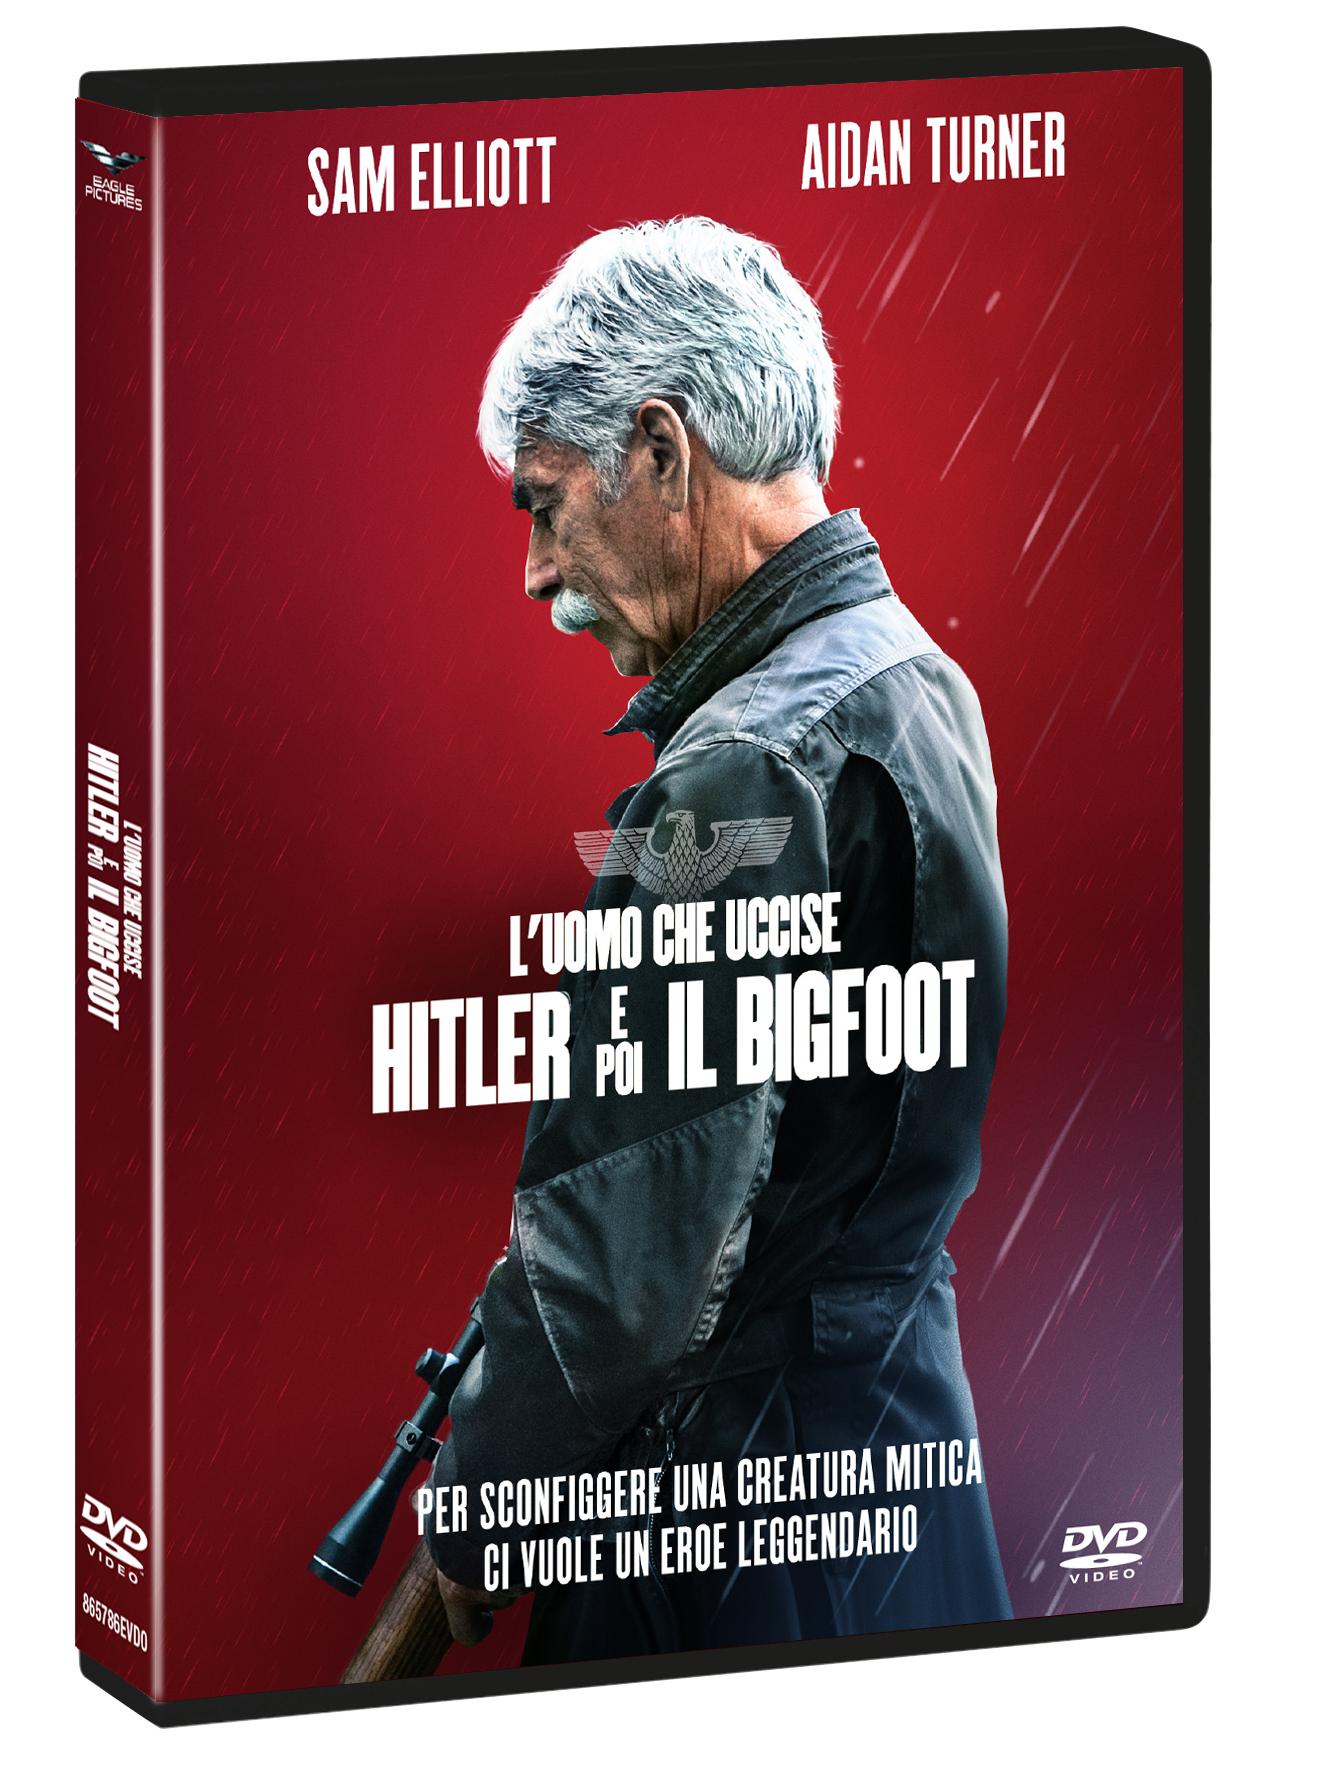 L'UOMO CHE UCCISE HITLER E POI IL BIGFOOT (DVD)